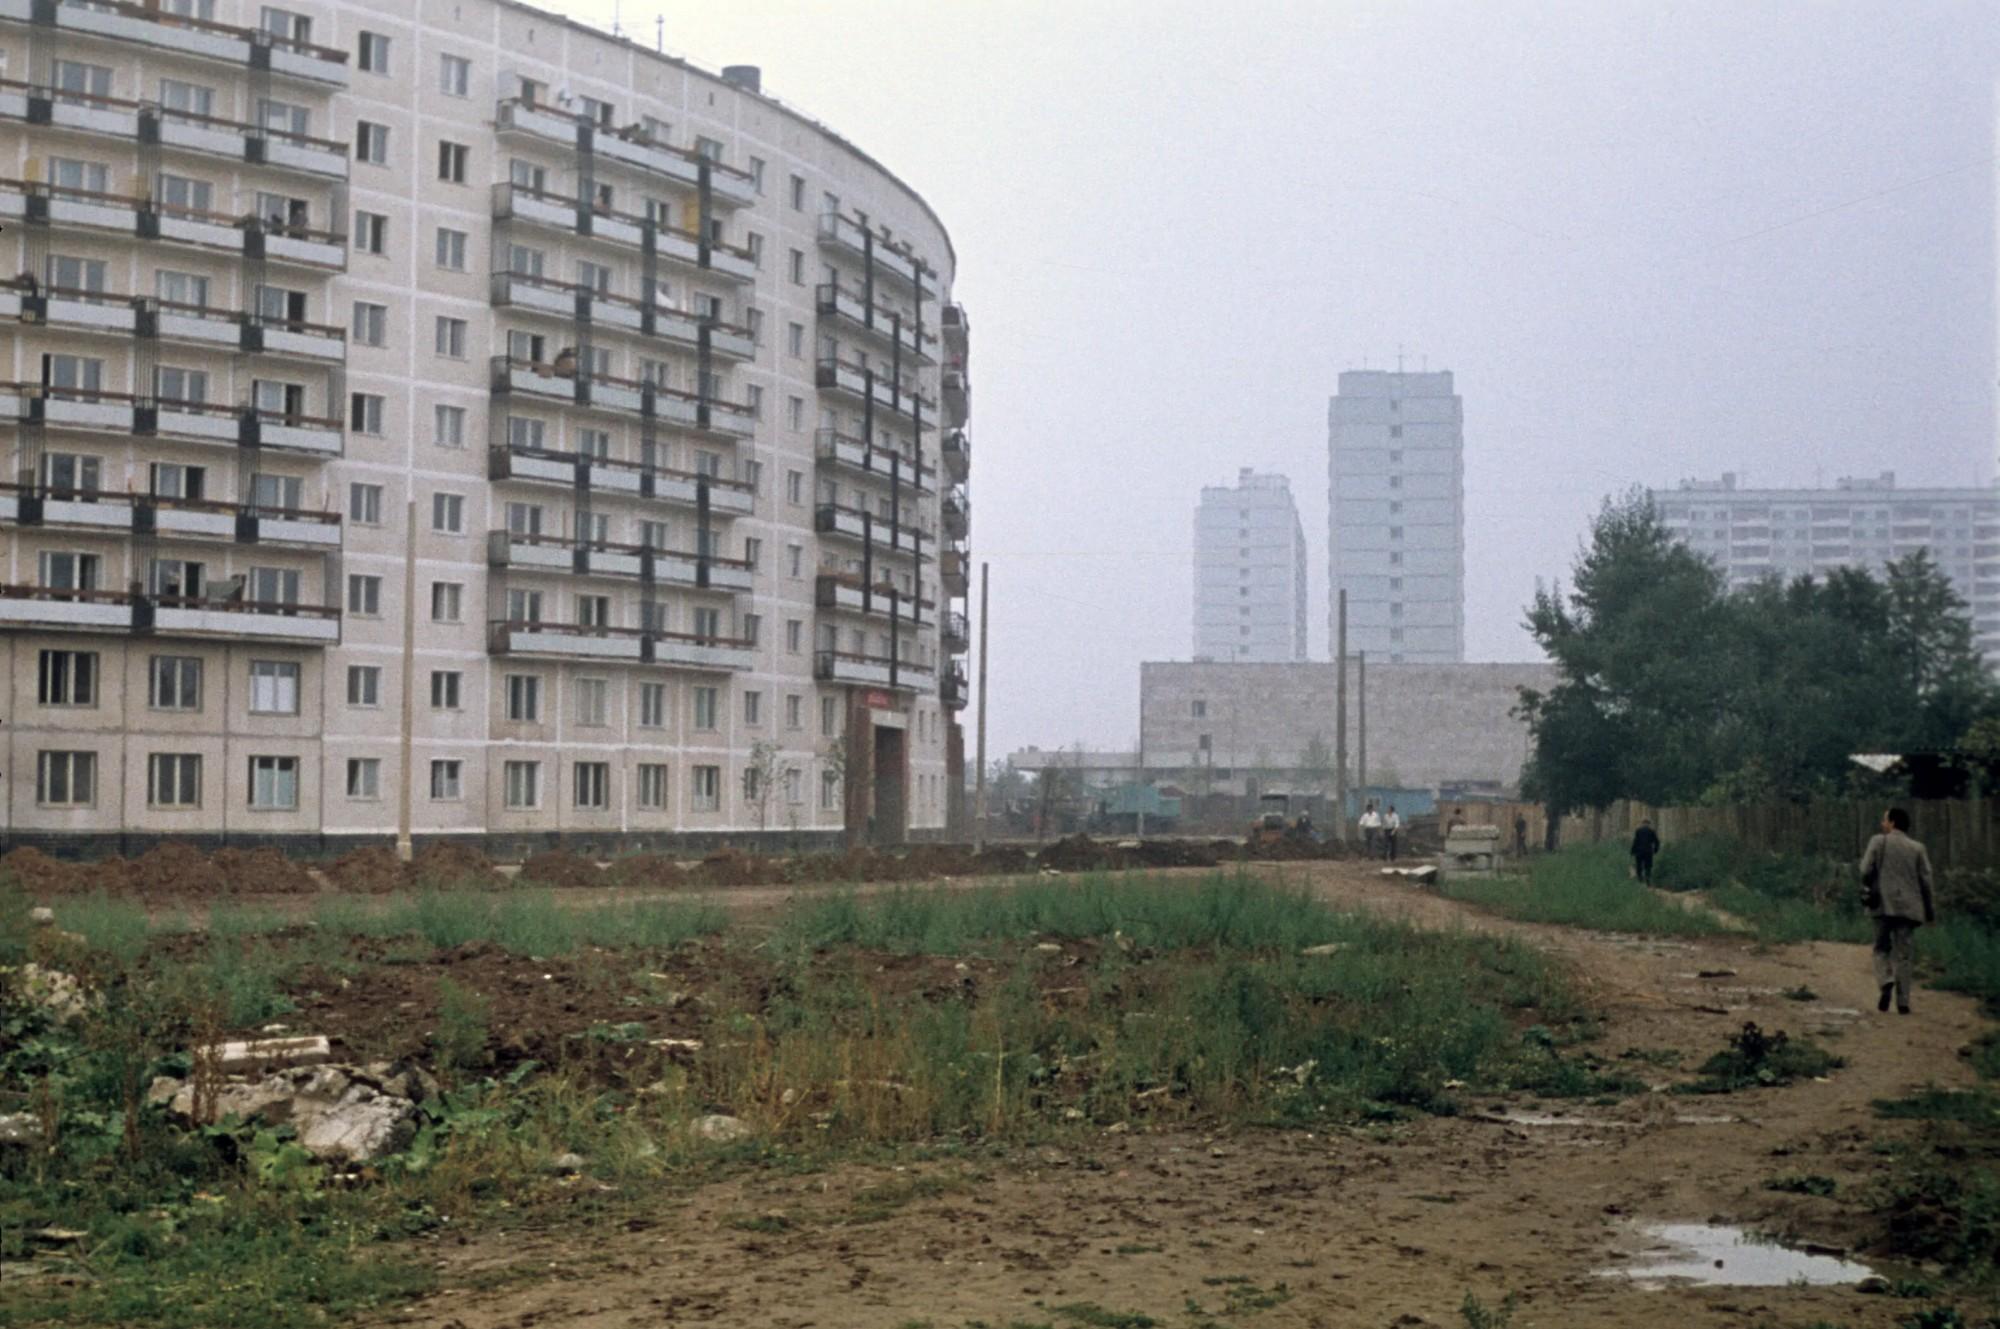 1972, сентябрь. Круглый дом в Матвеевском. Карл Эдуардович Александер. Архив Петра Завадовского